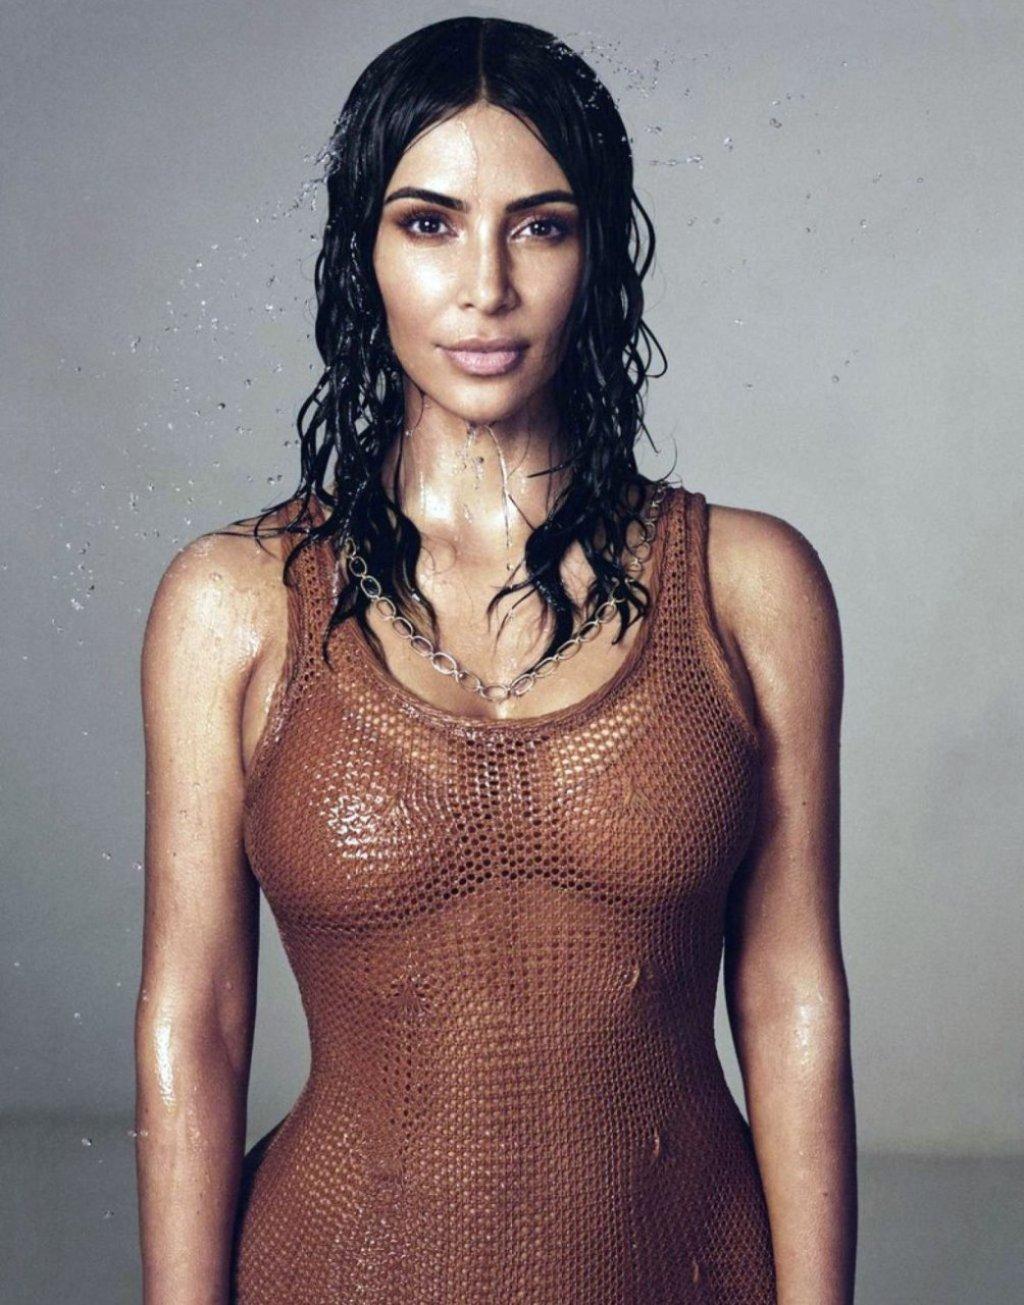 Kim Kardashian West (6 Sexy Photos)